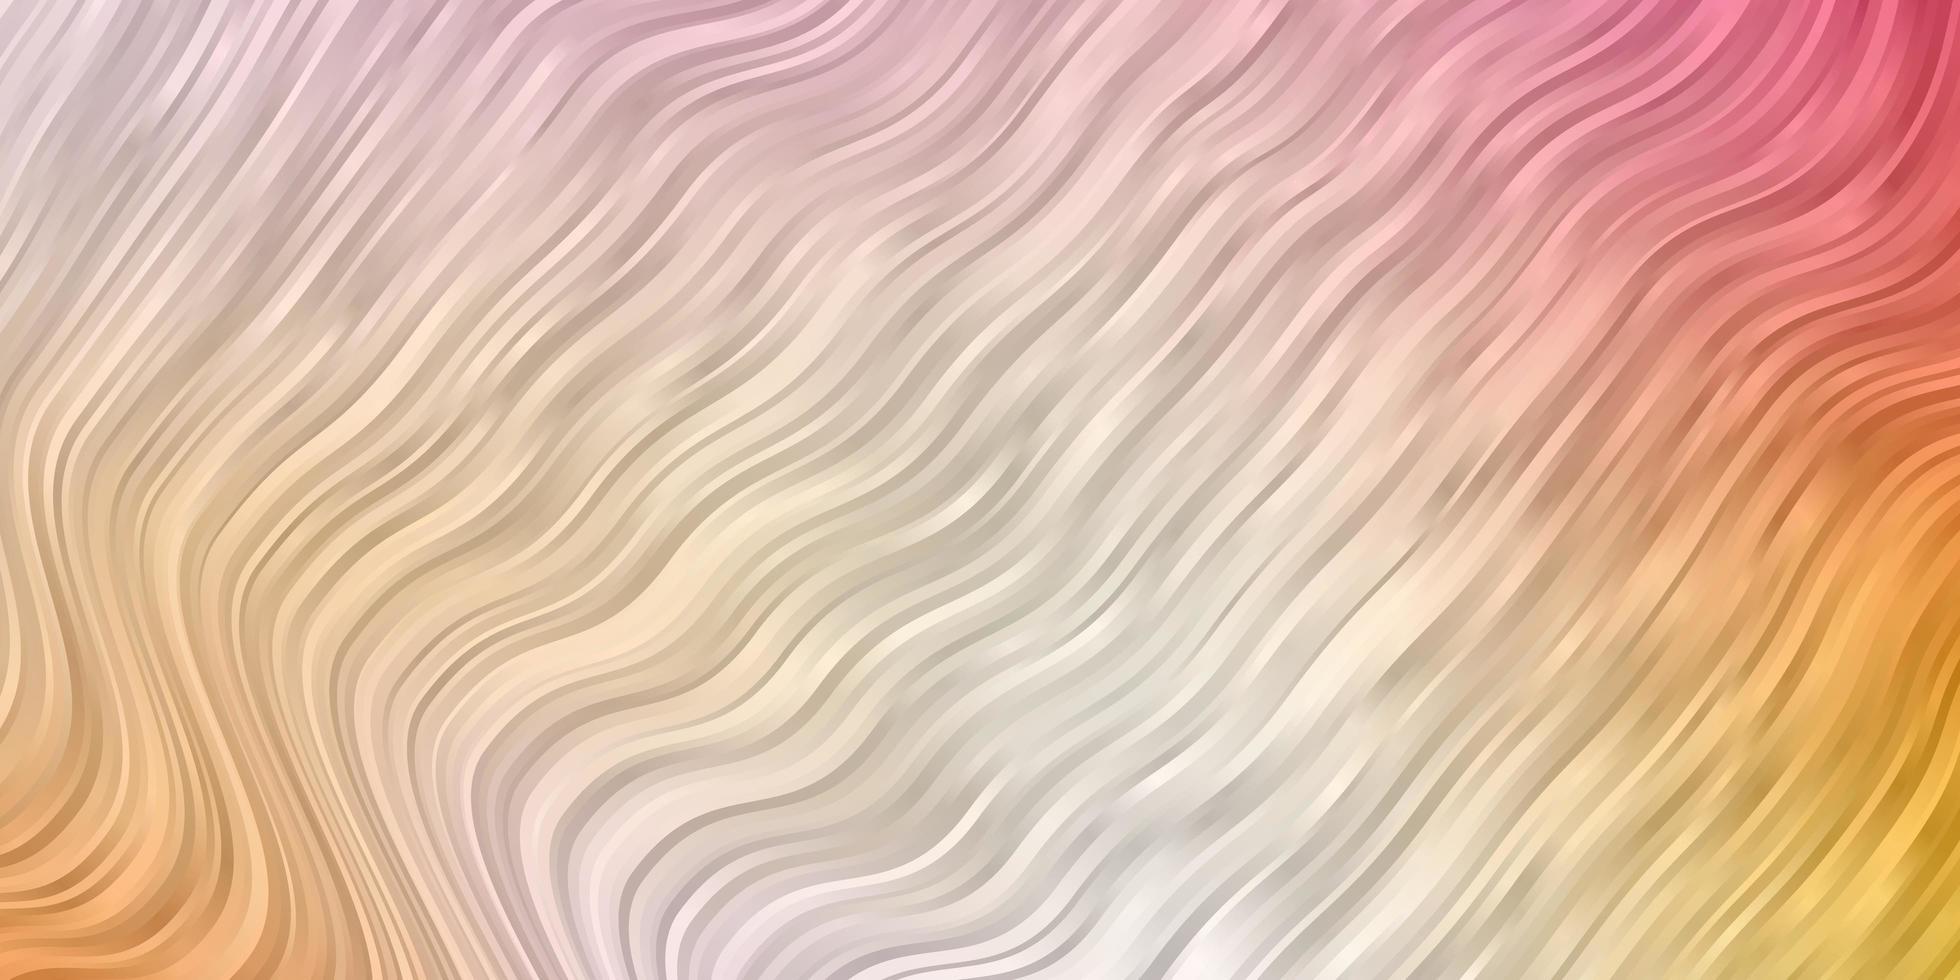 sfondo vettoriale rosa chiaro, giallo con linee ironiche.